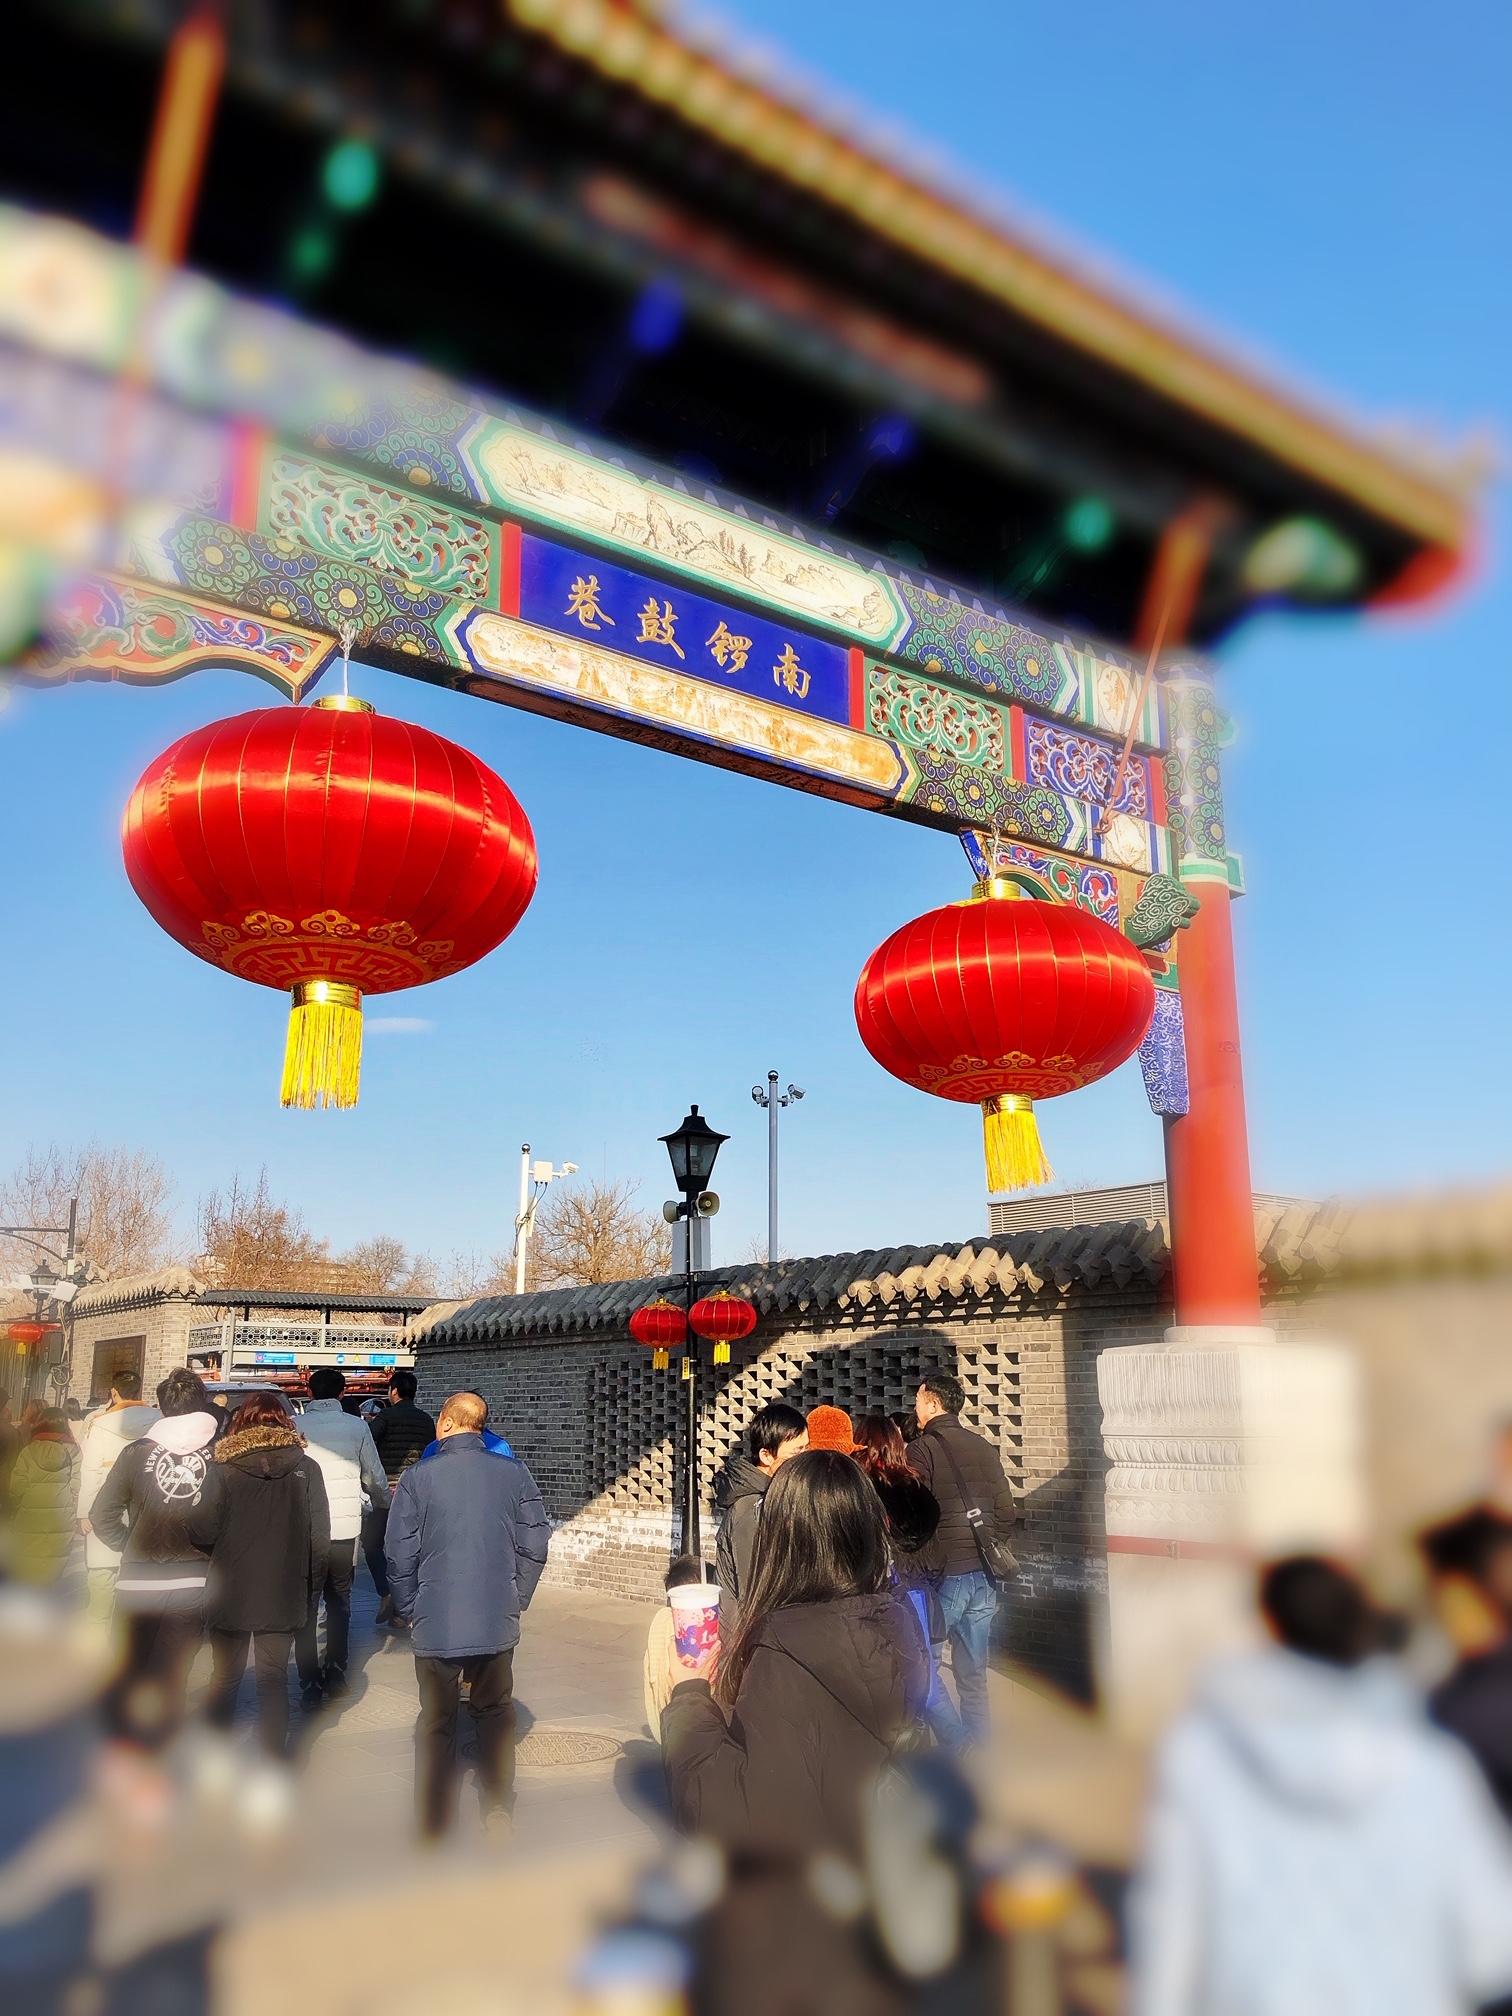 北京の南鑼鼓巷のエリア